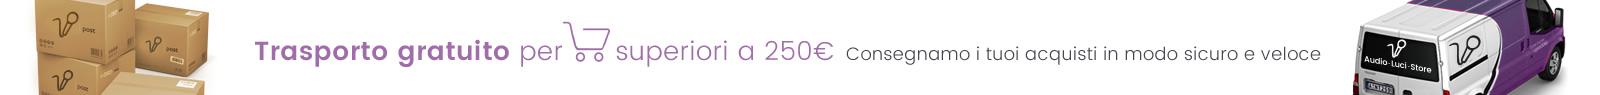 Consegna gratis con una spesa superiore a 250€